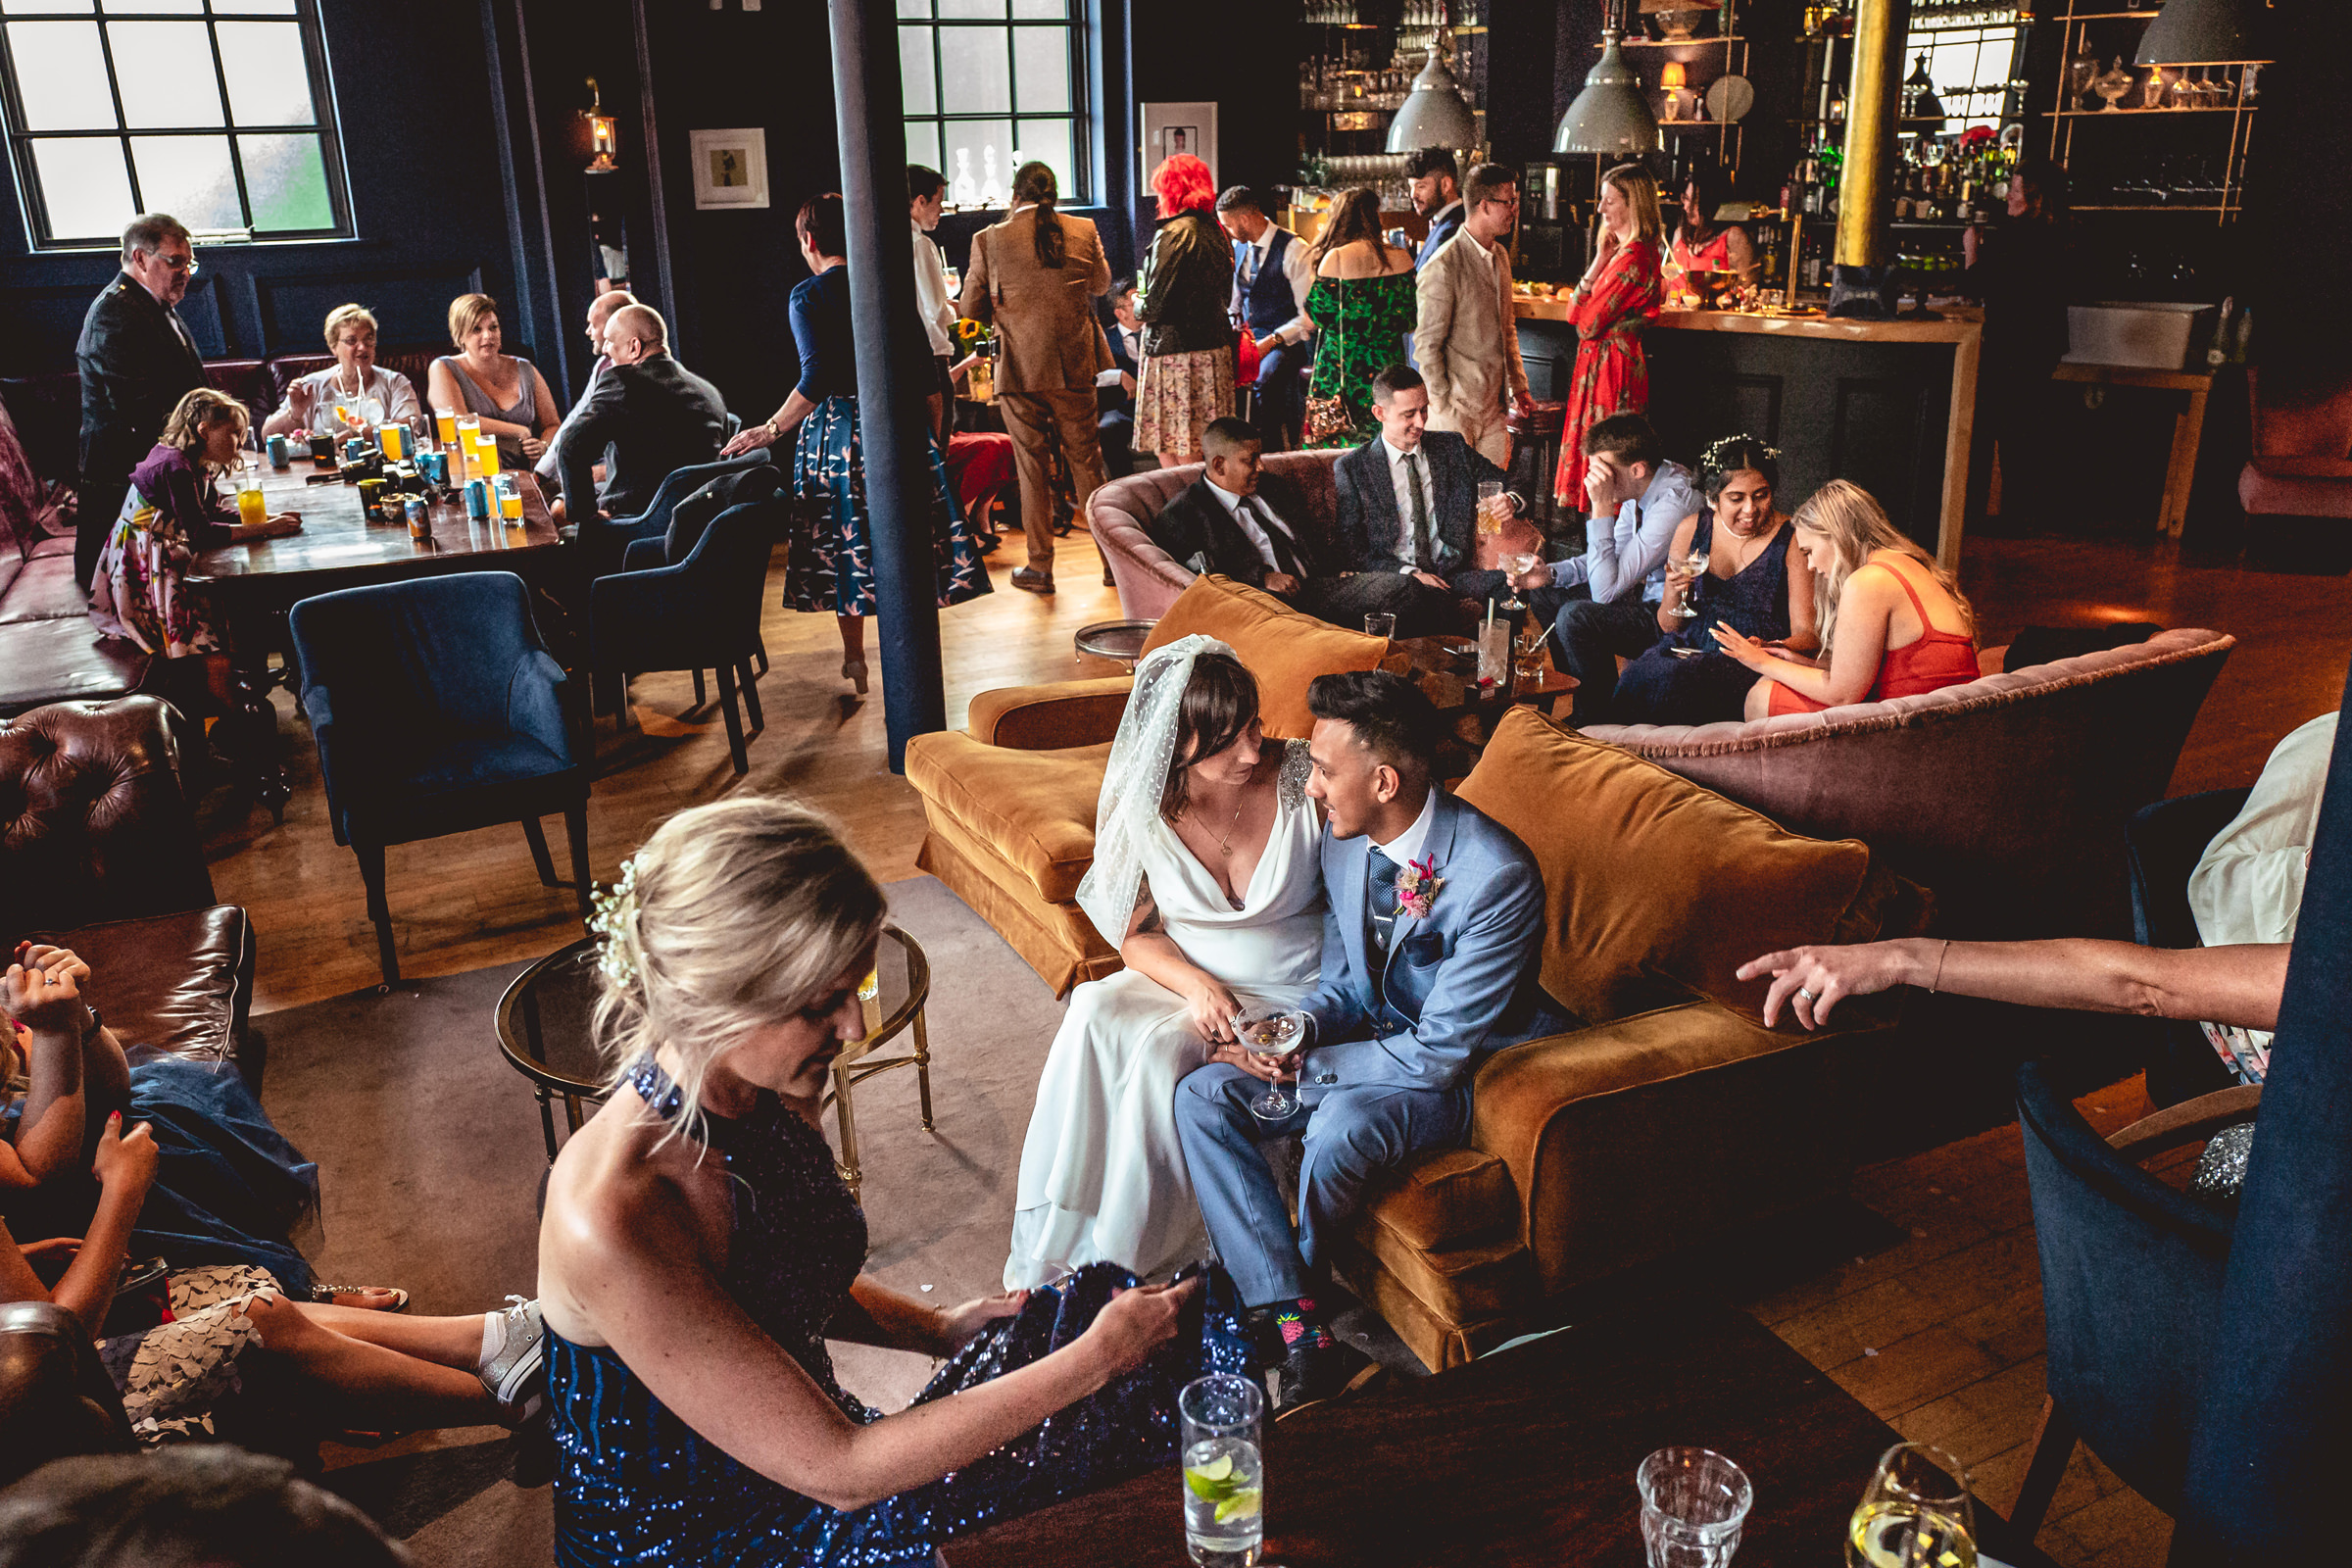 Story telling photo by UK wedding photographer Andrew Billington